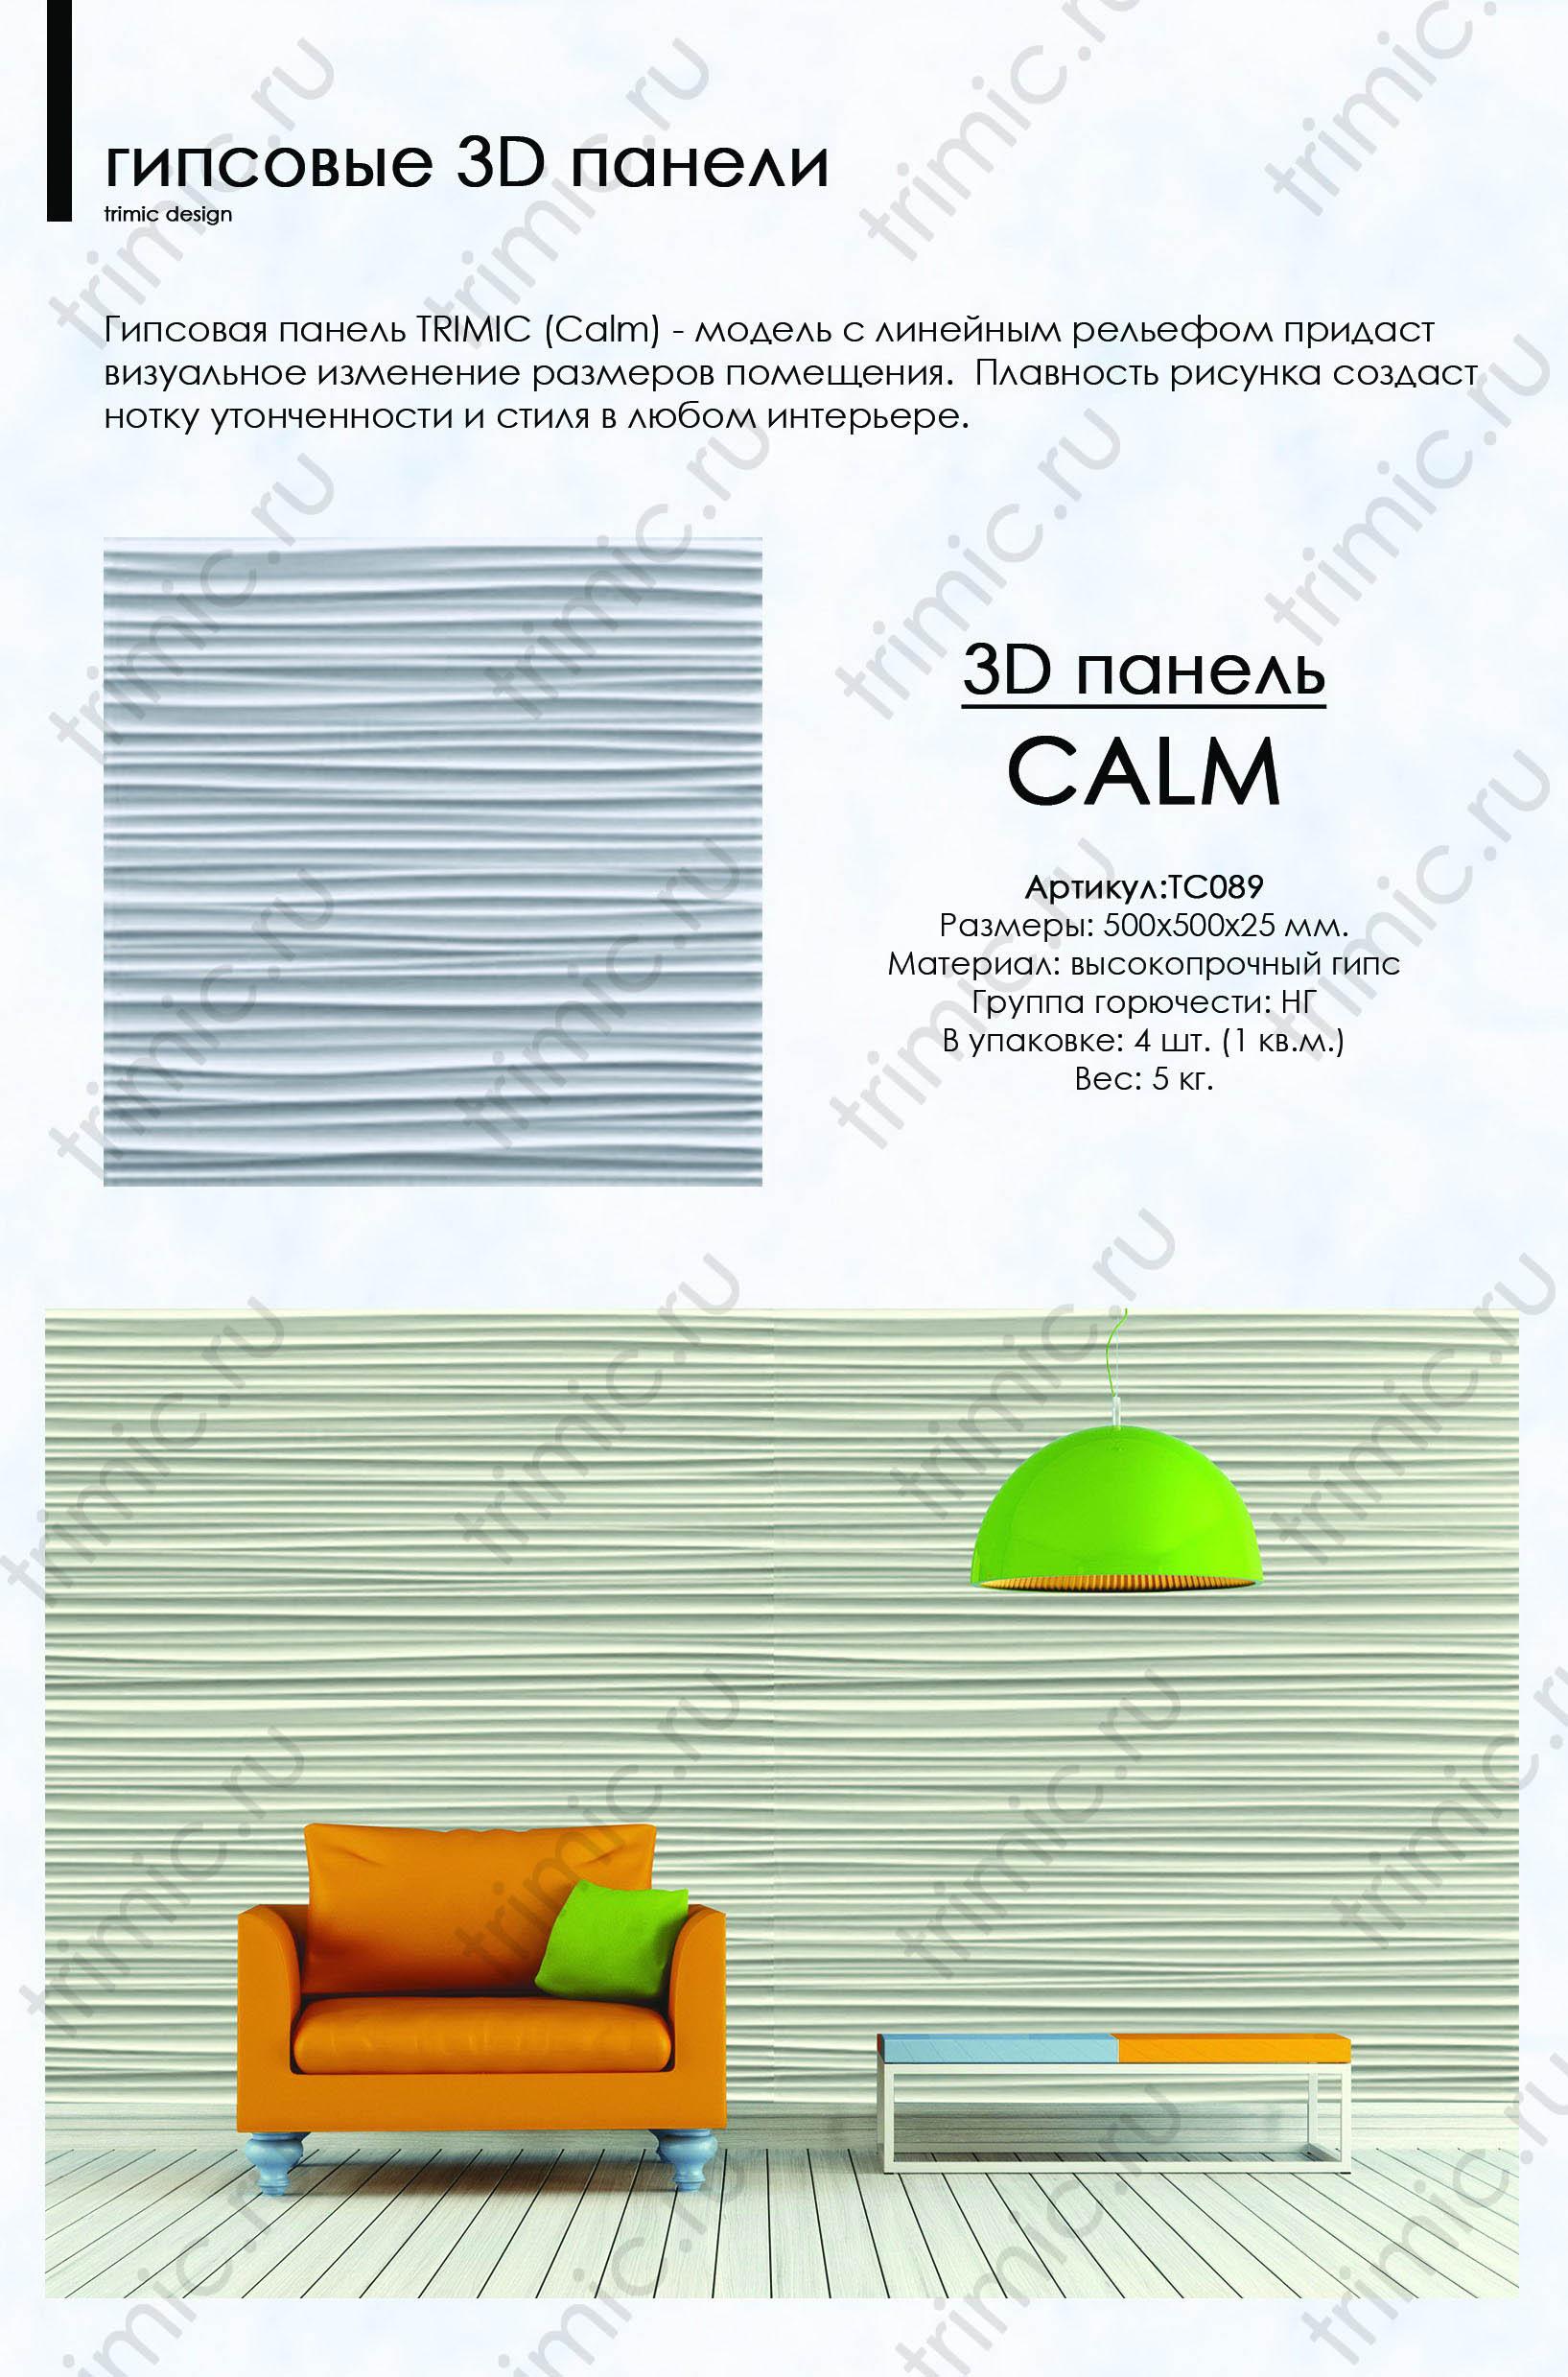 """3D панель """"CALM""""    Созданное с помощью 3D панелей CALMбесшовное настенное панно обладает очень интересным и выразительным рельефом. Которое идеально подчеркнёт общую концепцию практически любого помещения, будь то гостиная, клуб, ресторан или спальня."""